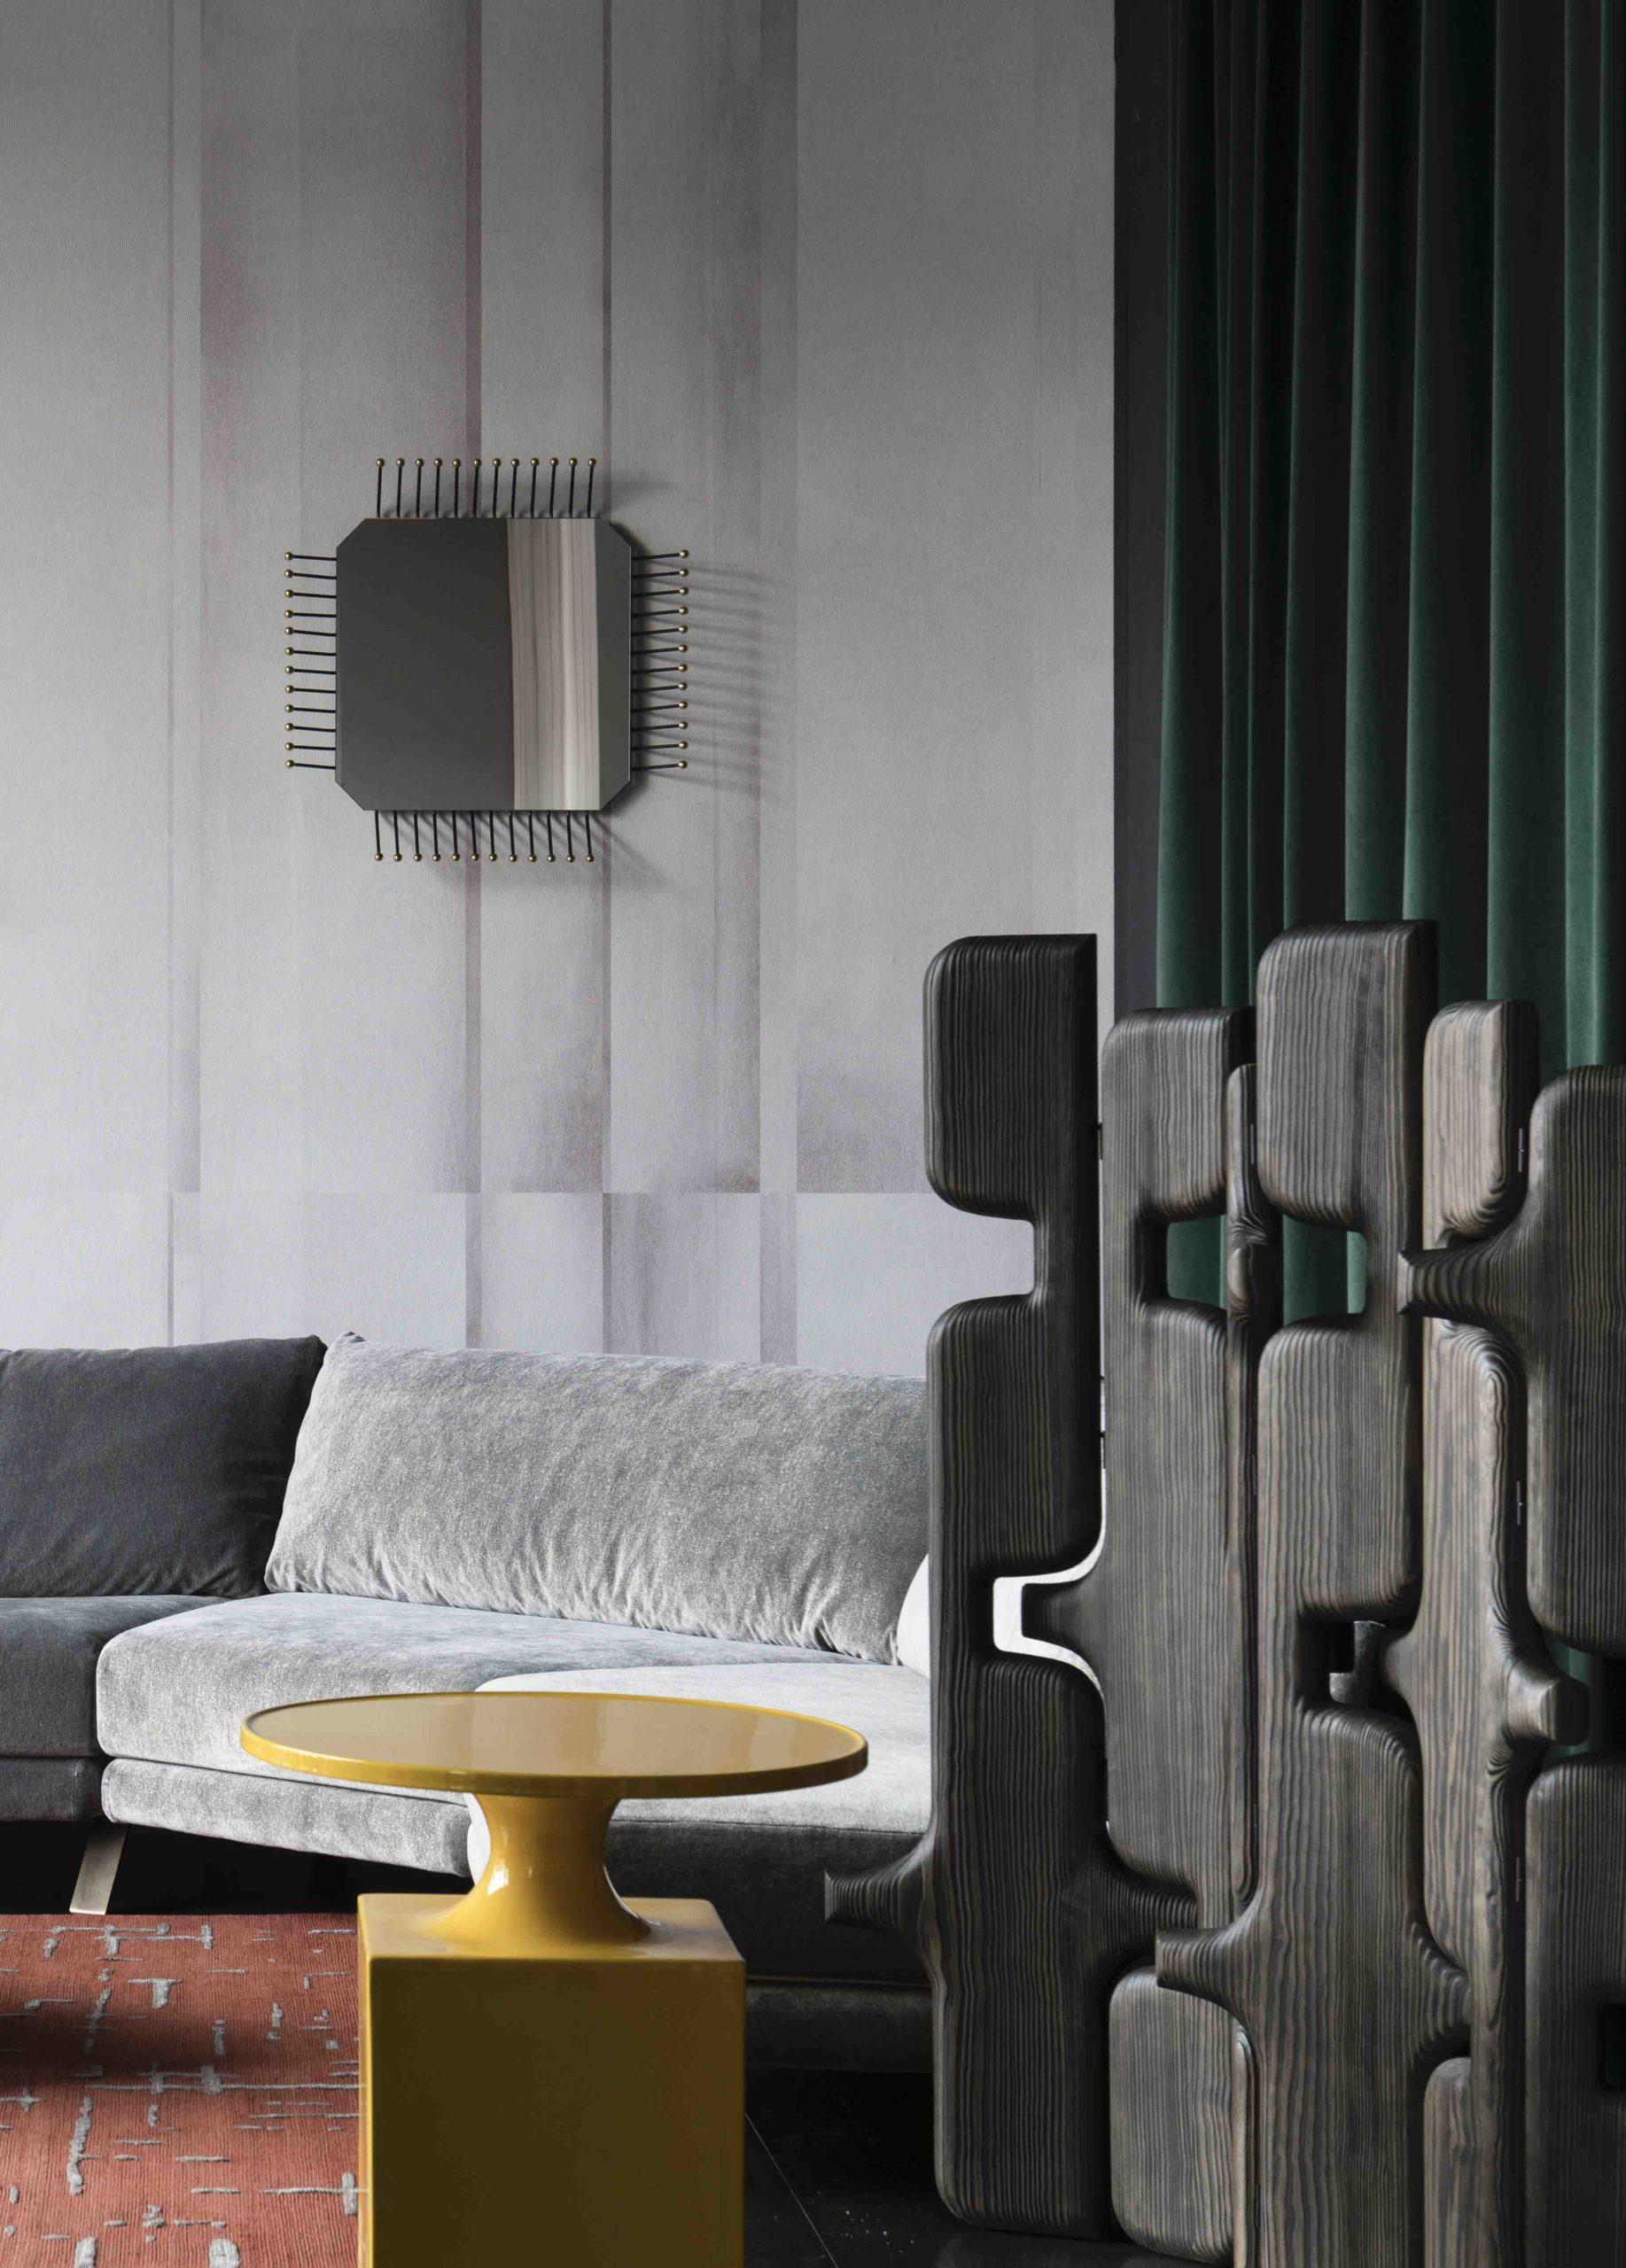 Collection_Particulière_Collection-Particulière-Motherboard-mirrors-david-nicolas